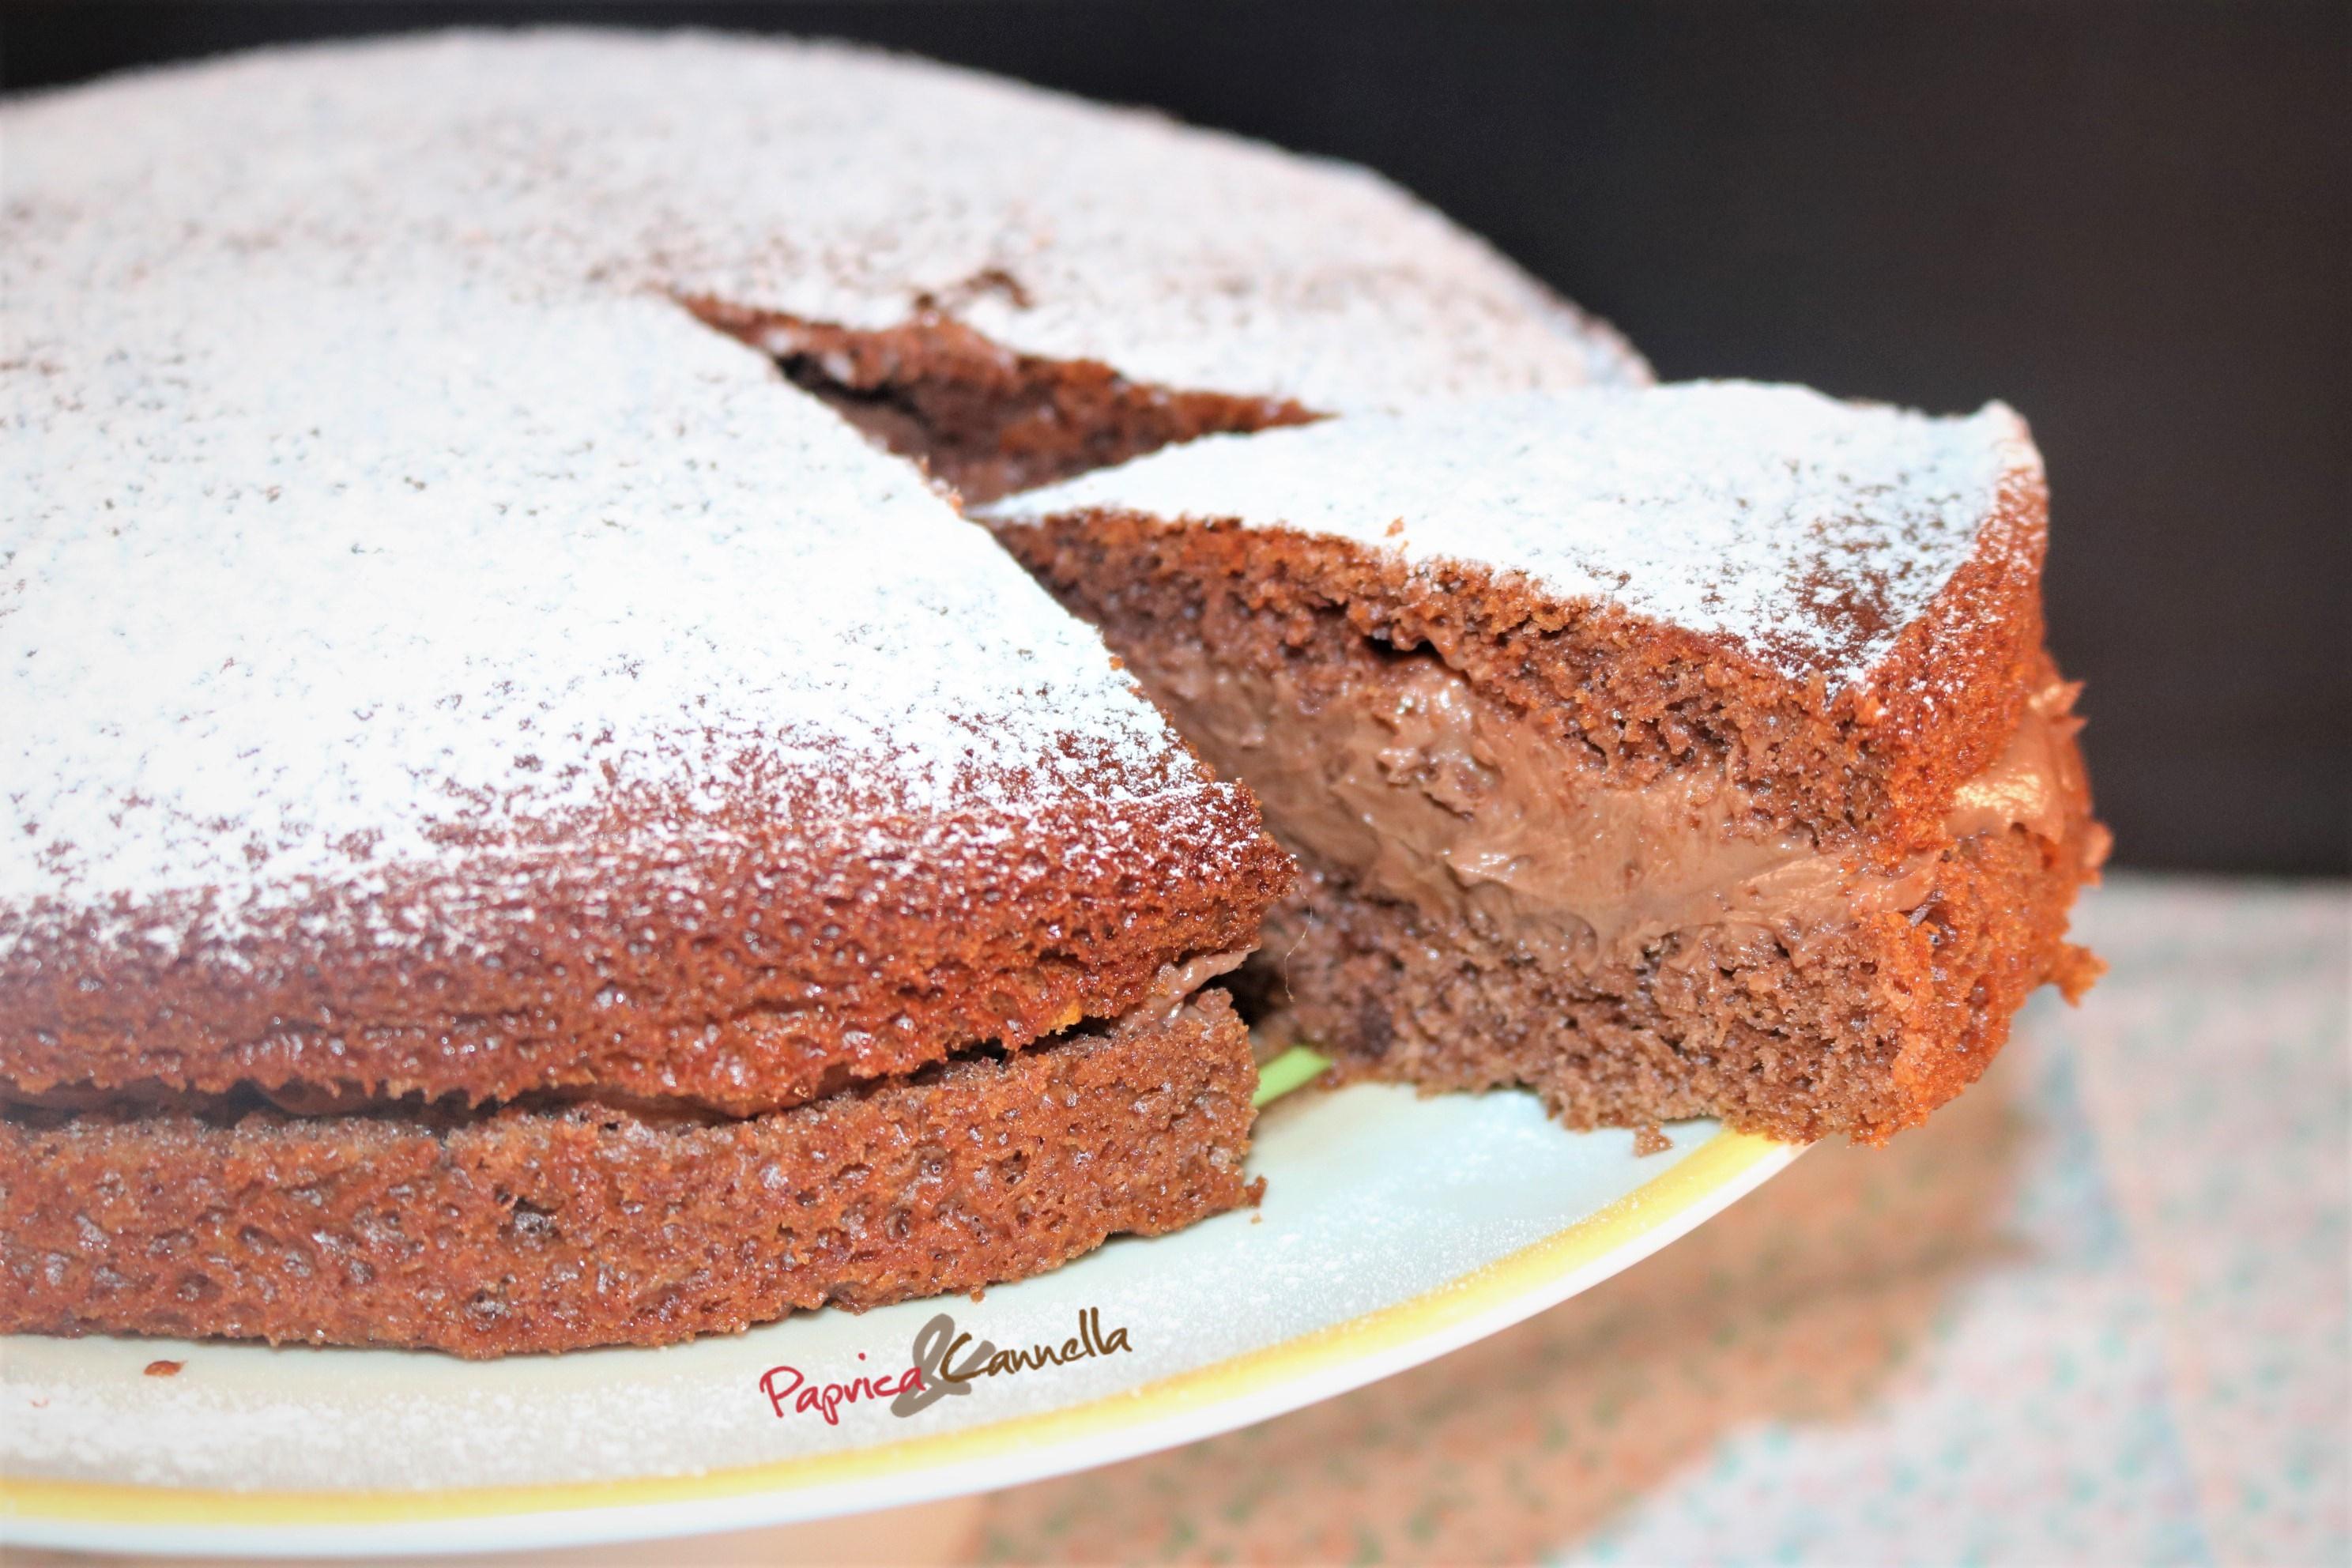 Torta al cioccolato con ripieno di nutella e mascarpone